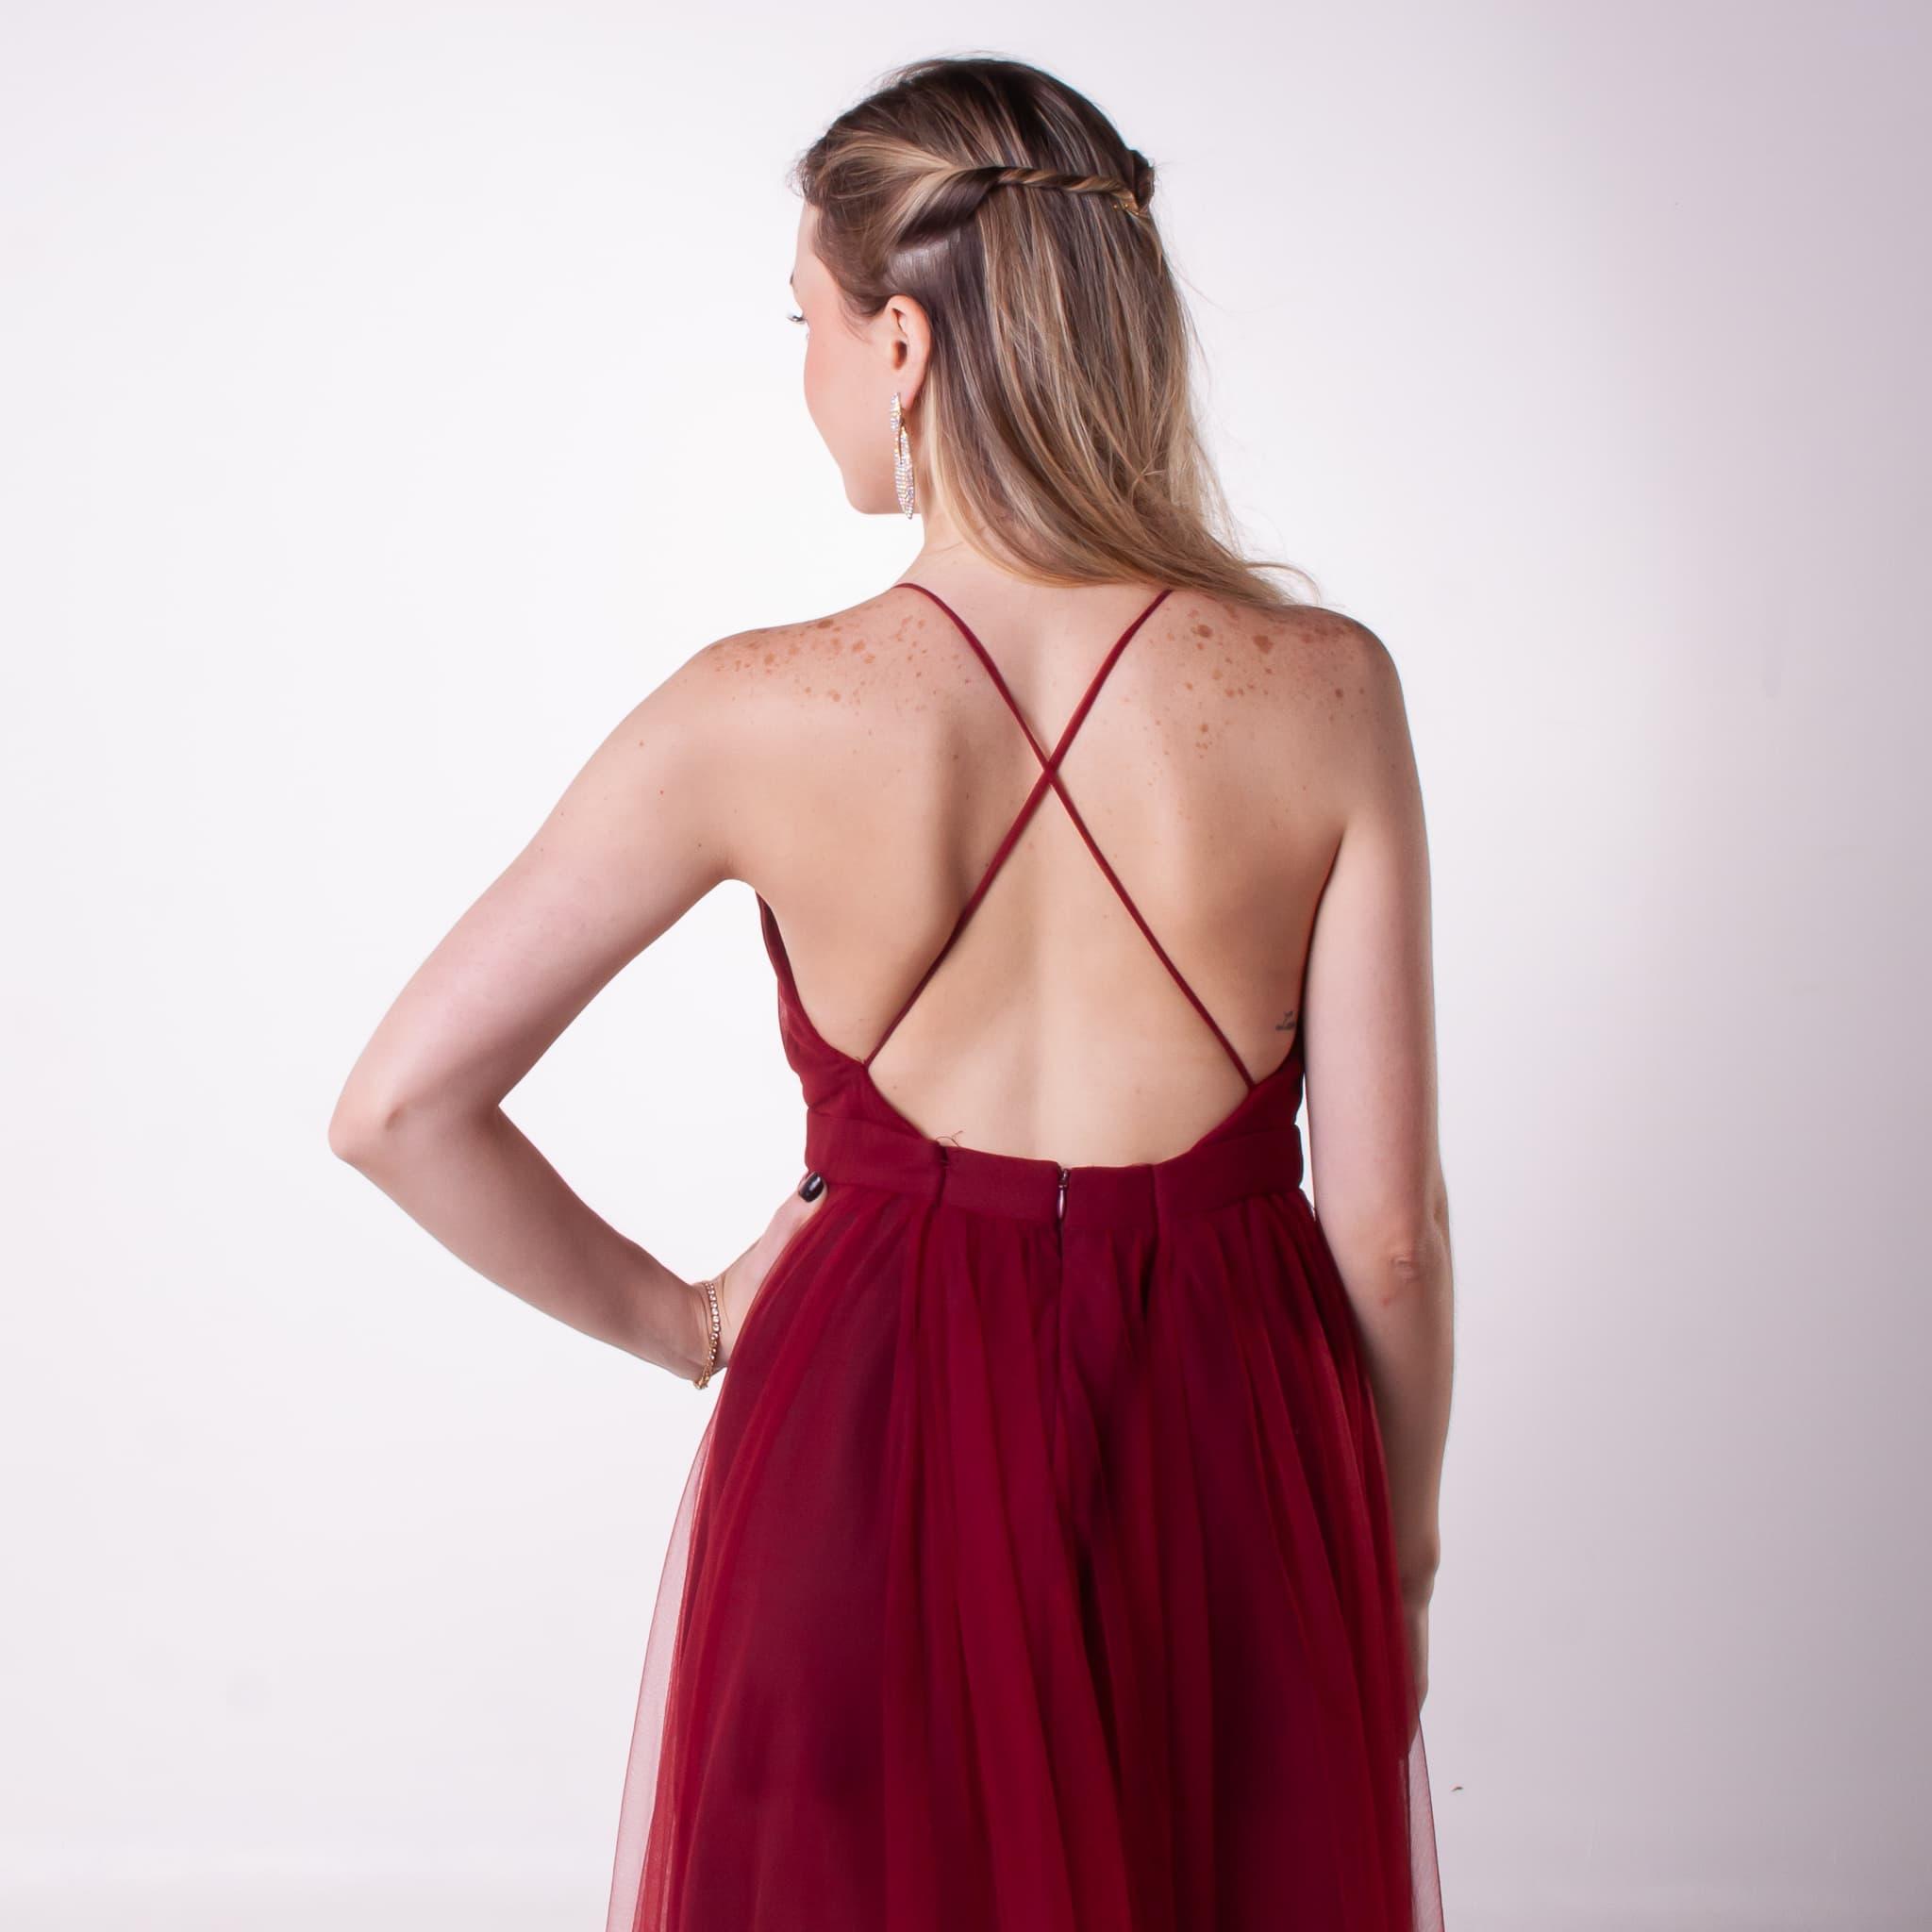 43 - Vestido marsala de tule cuzado nas costas